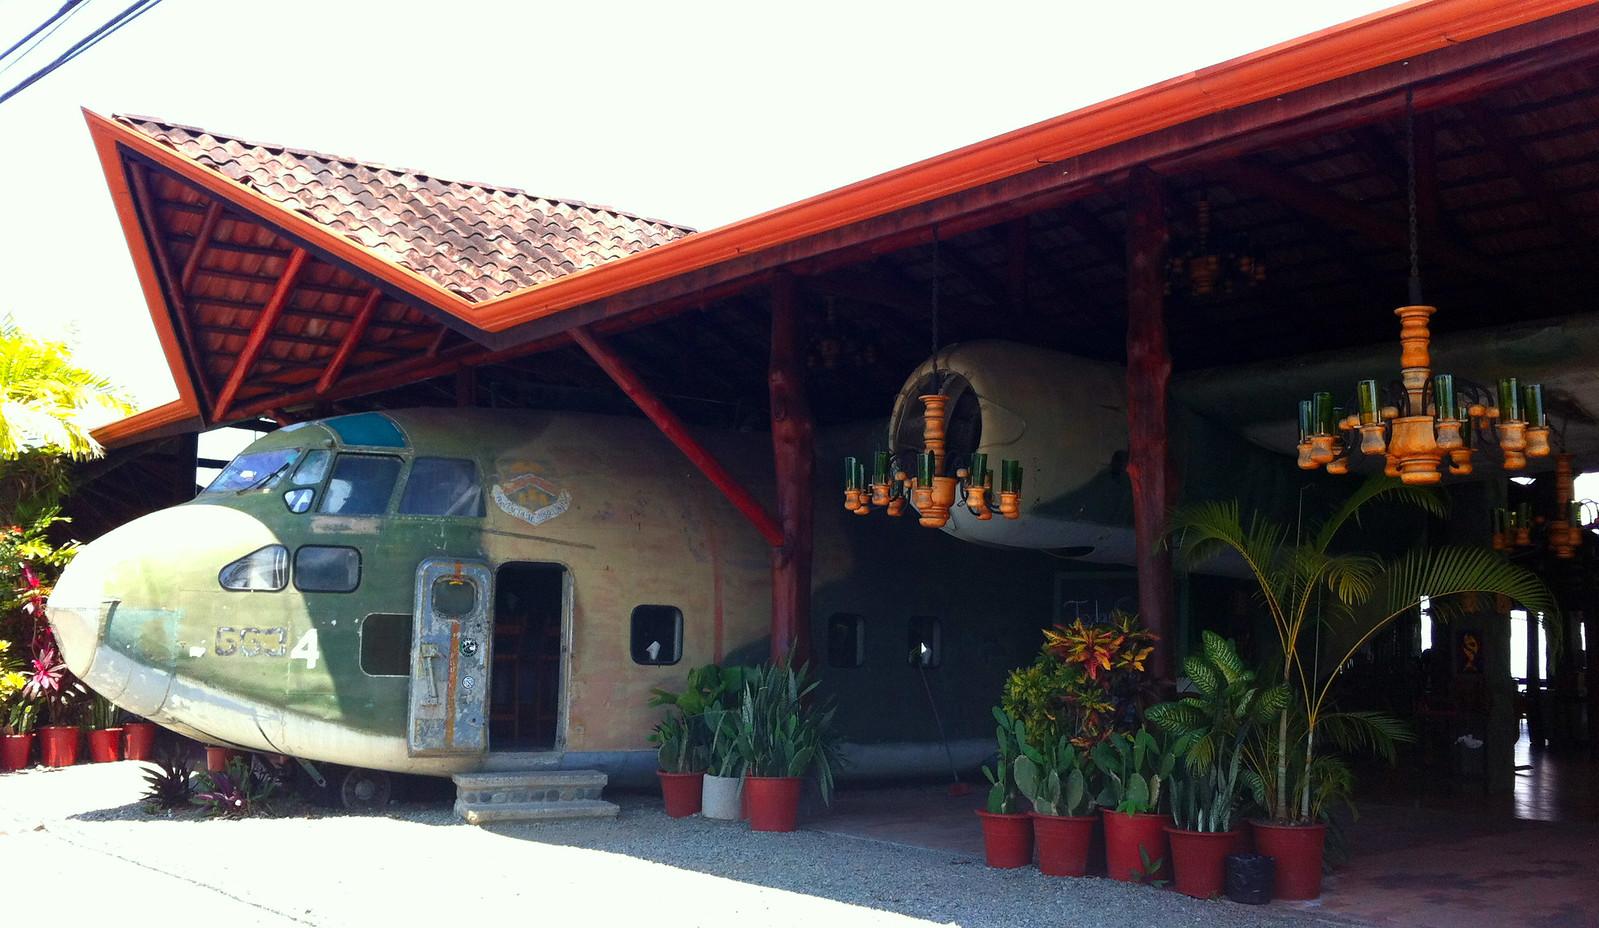 Viajar a Costa Rica / Ruta por Costa Rica en 3 semanas ruta por costa rica - 37538078324 a7a0060658 h - Ruta por Costa Rica en 3 semanas